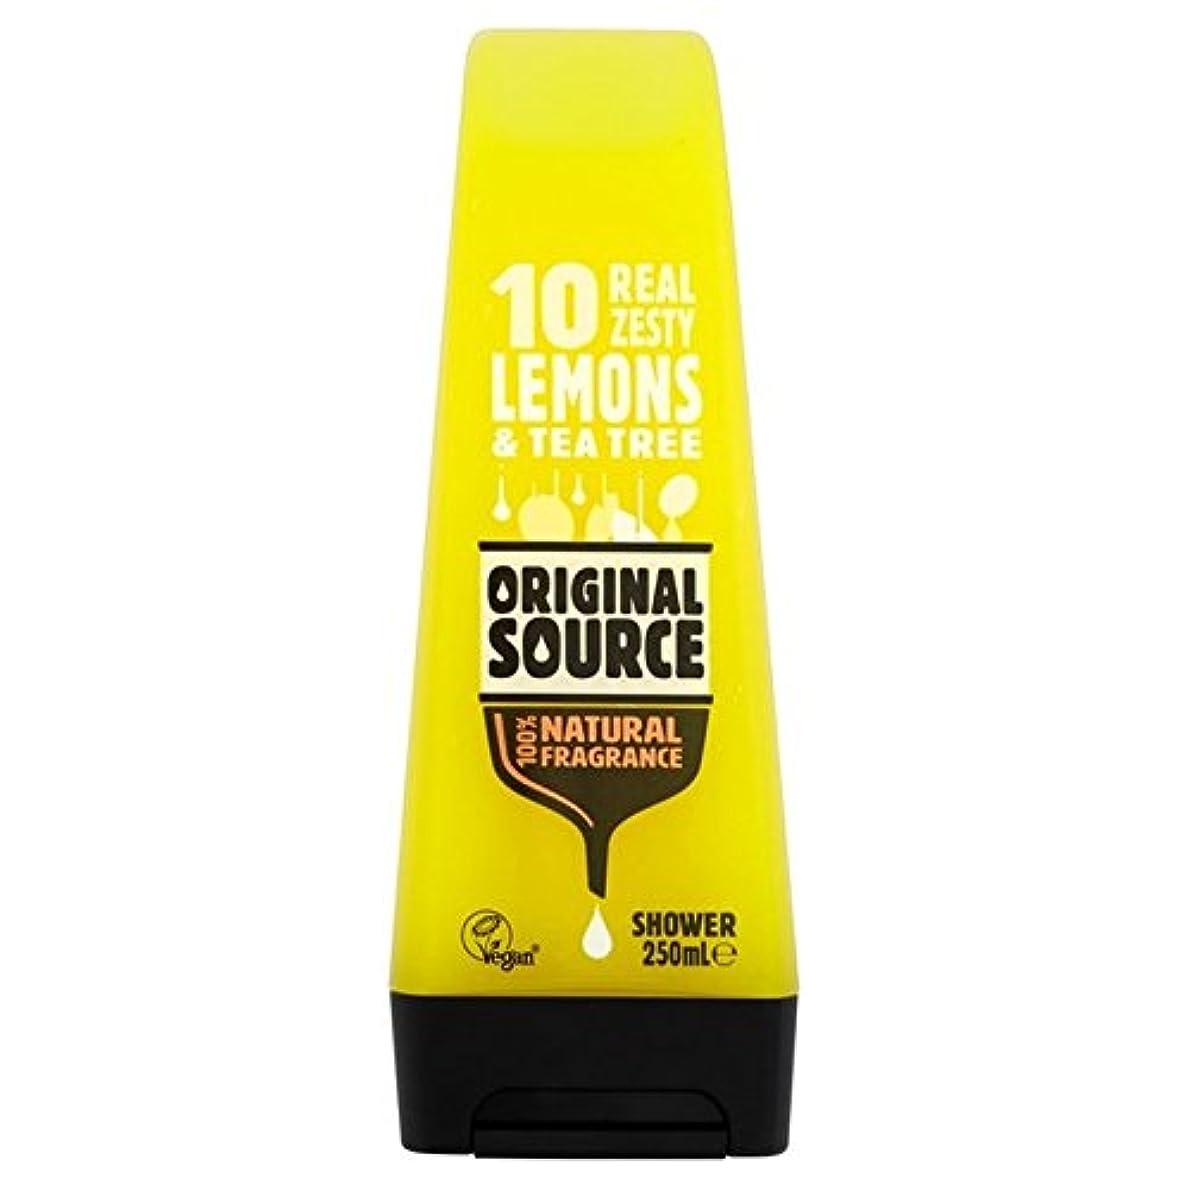 団結する焼く悲鳴元のソースのレモンシャワージェル250ミリリットル x4 - Original Source Lemon Shower Gel 250ml (Pack of 4) [並行輸入品]